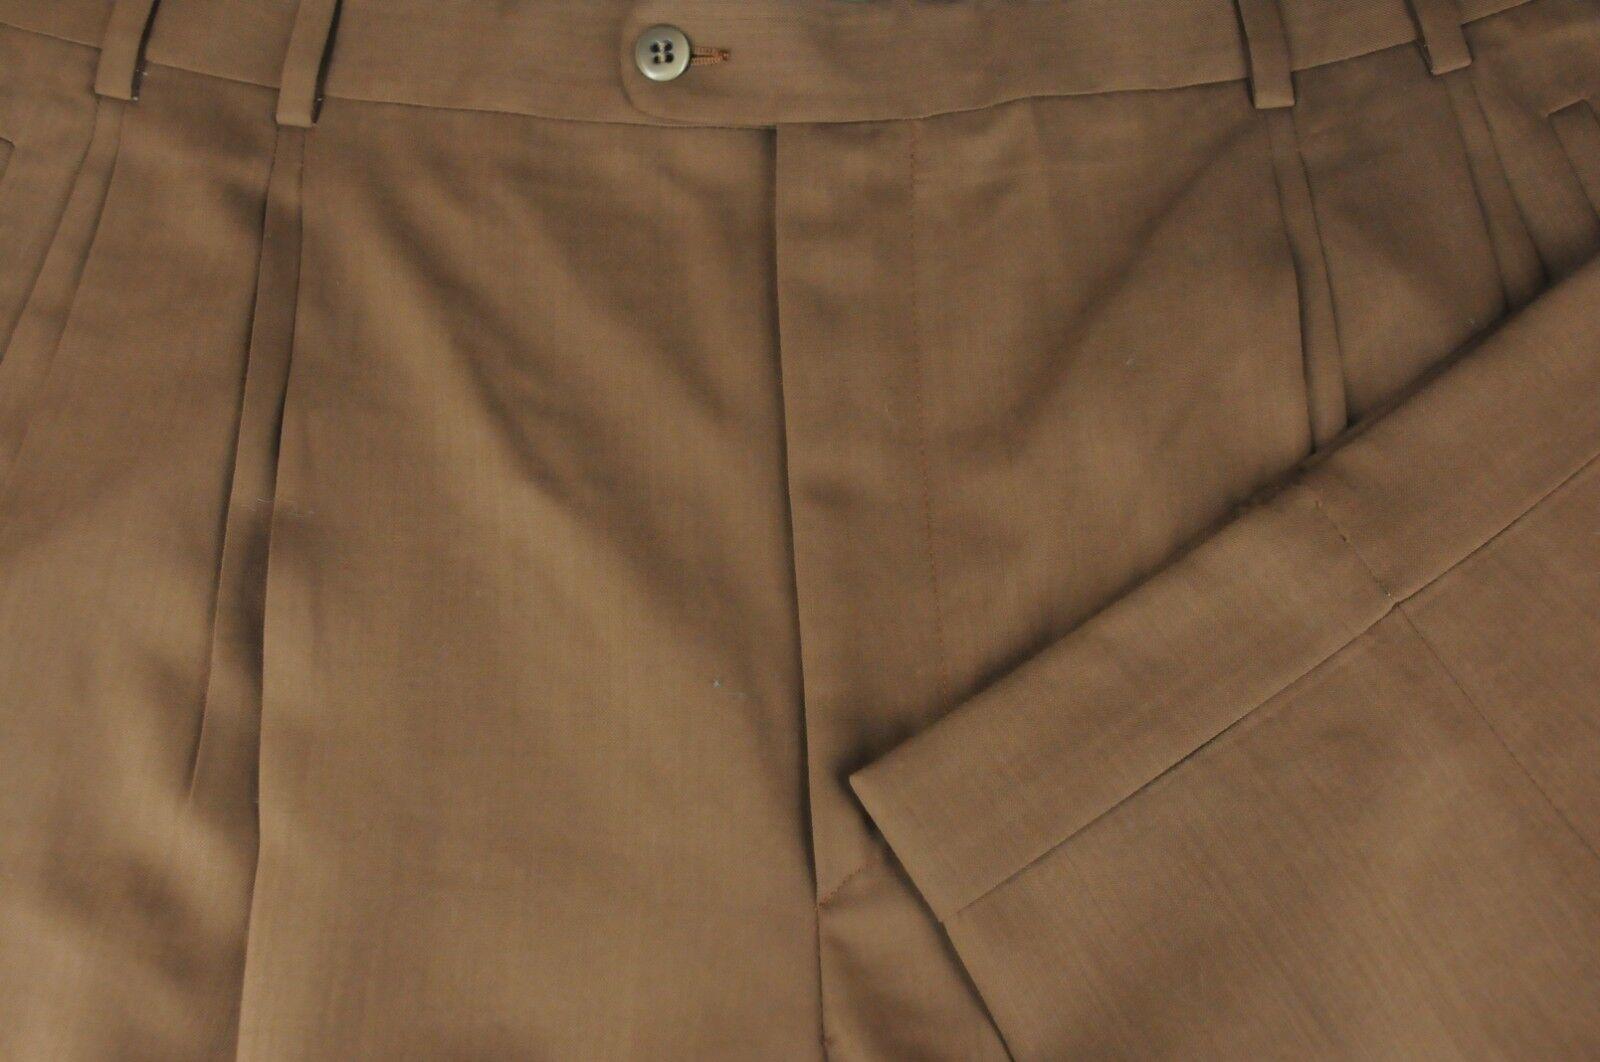 Zanella Jesse Men's True Brown Luxury Wool Pleated Dress Pants 40 x 28